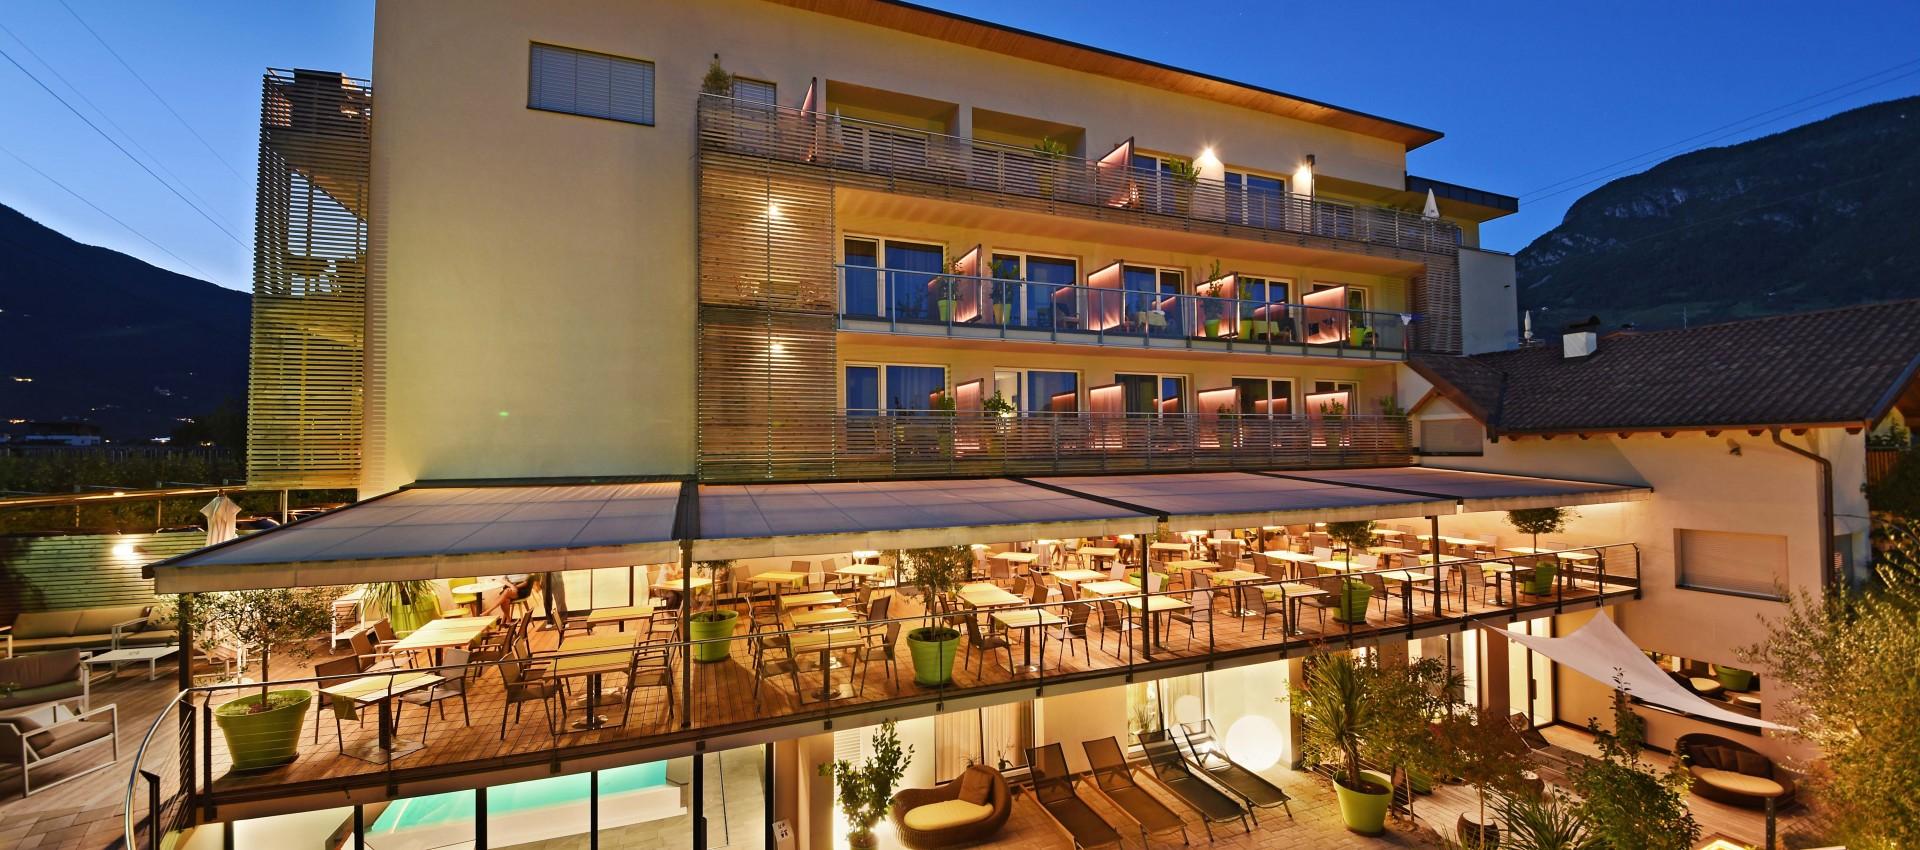 Hotel Pfeiss Ihr Urlaub Bei Meran 4 Sterne Hotel In Lana